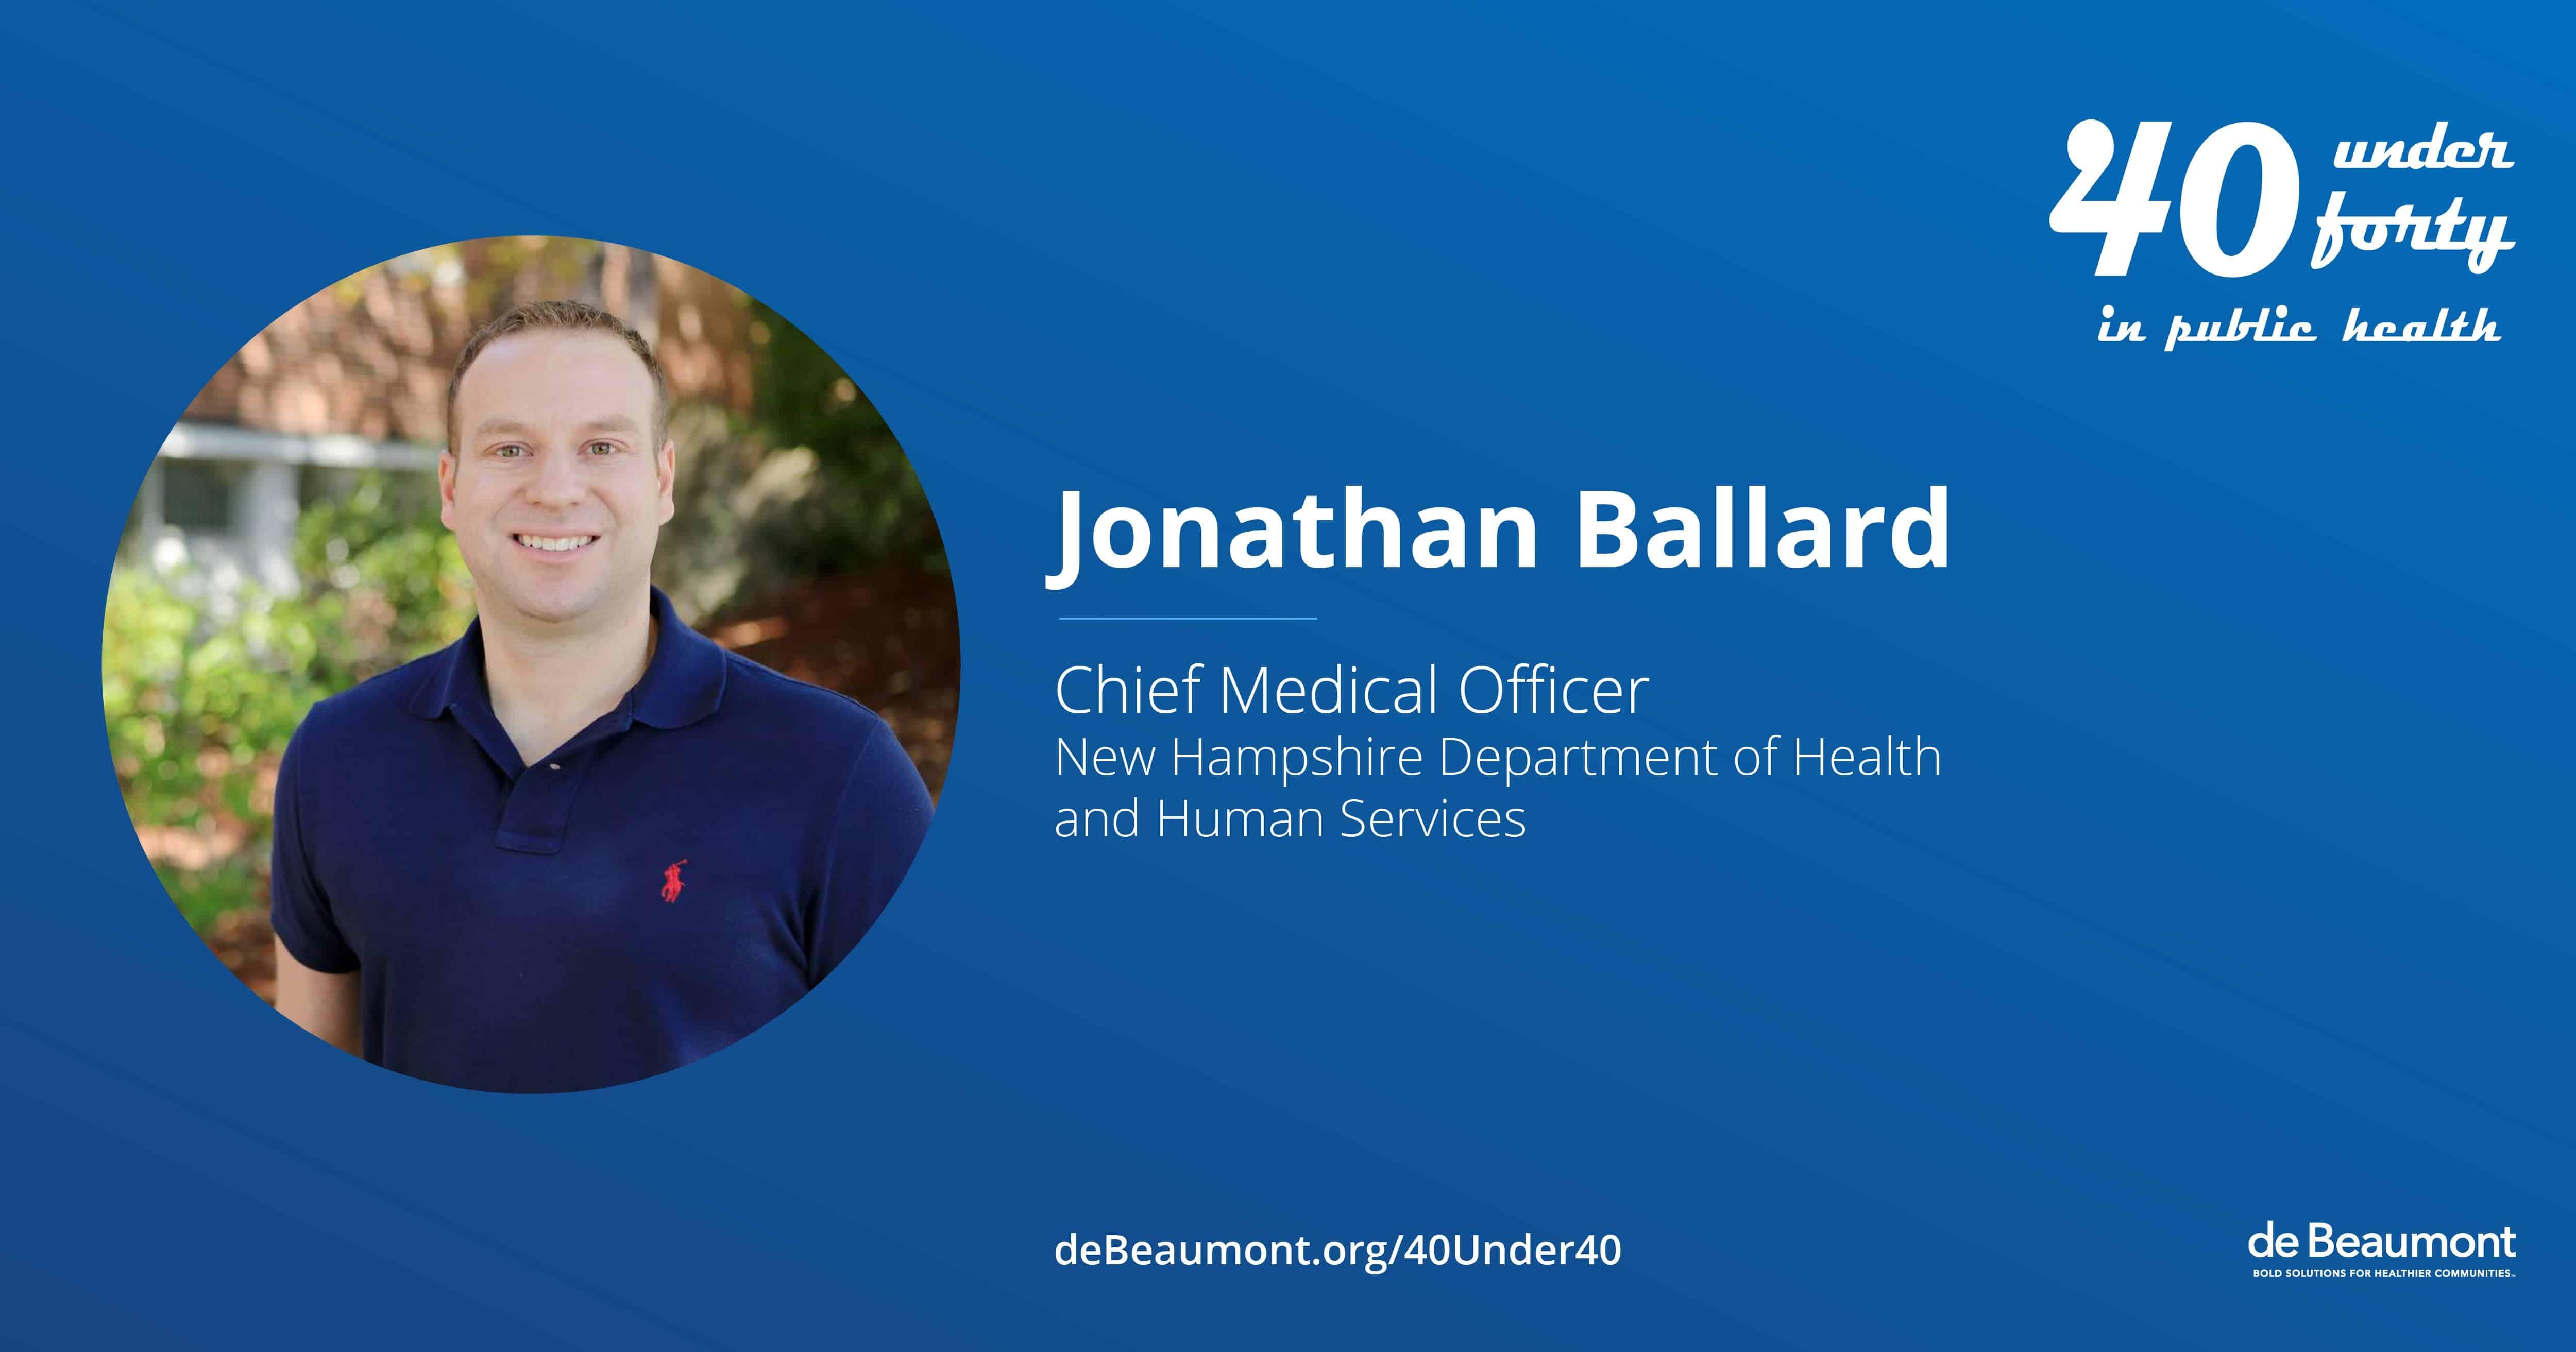 Jonathan Ballard - de Beaumont Foundation